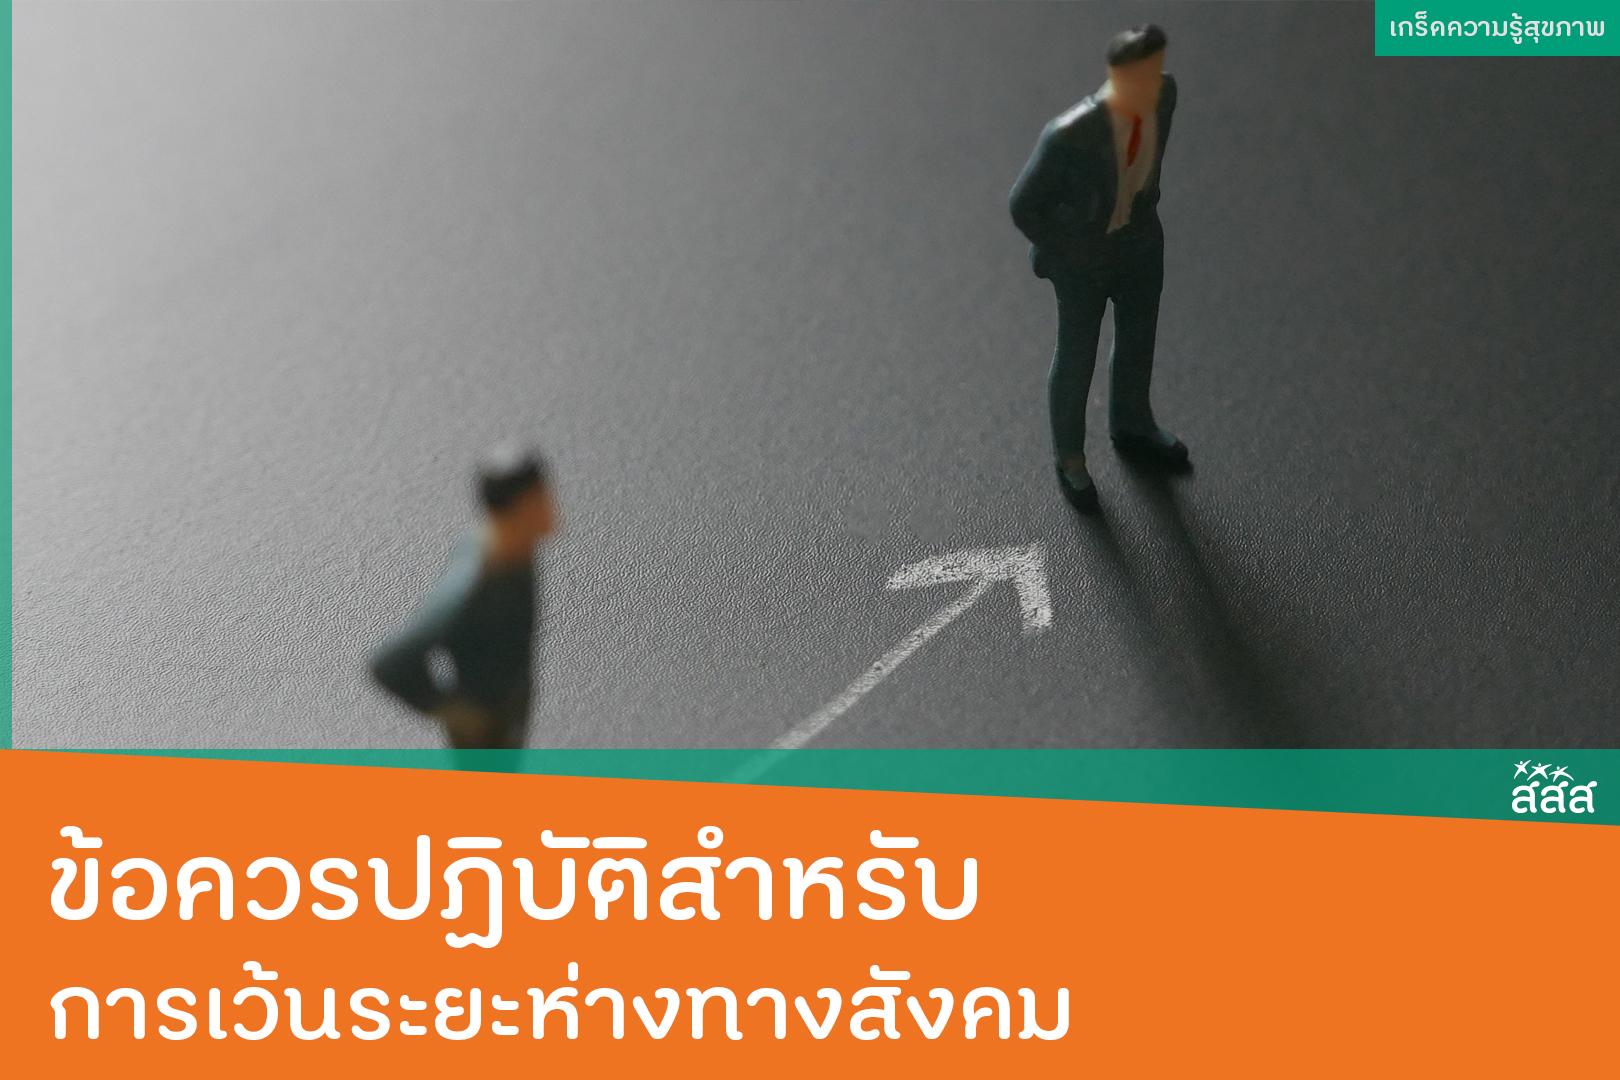 ข้อควรปฏิบัติสำหรับการเว้นระยะห่างทางสังคม thaihealth